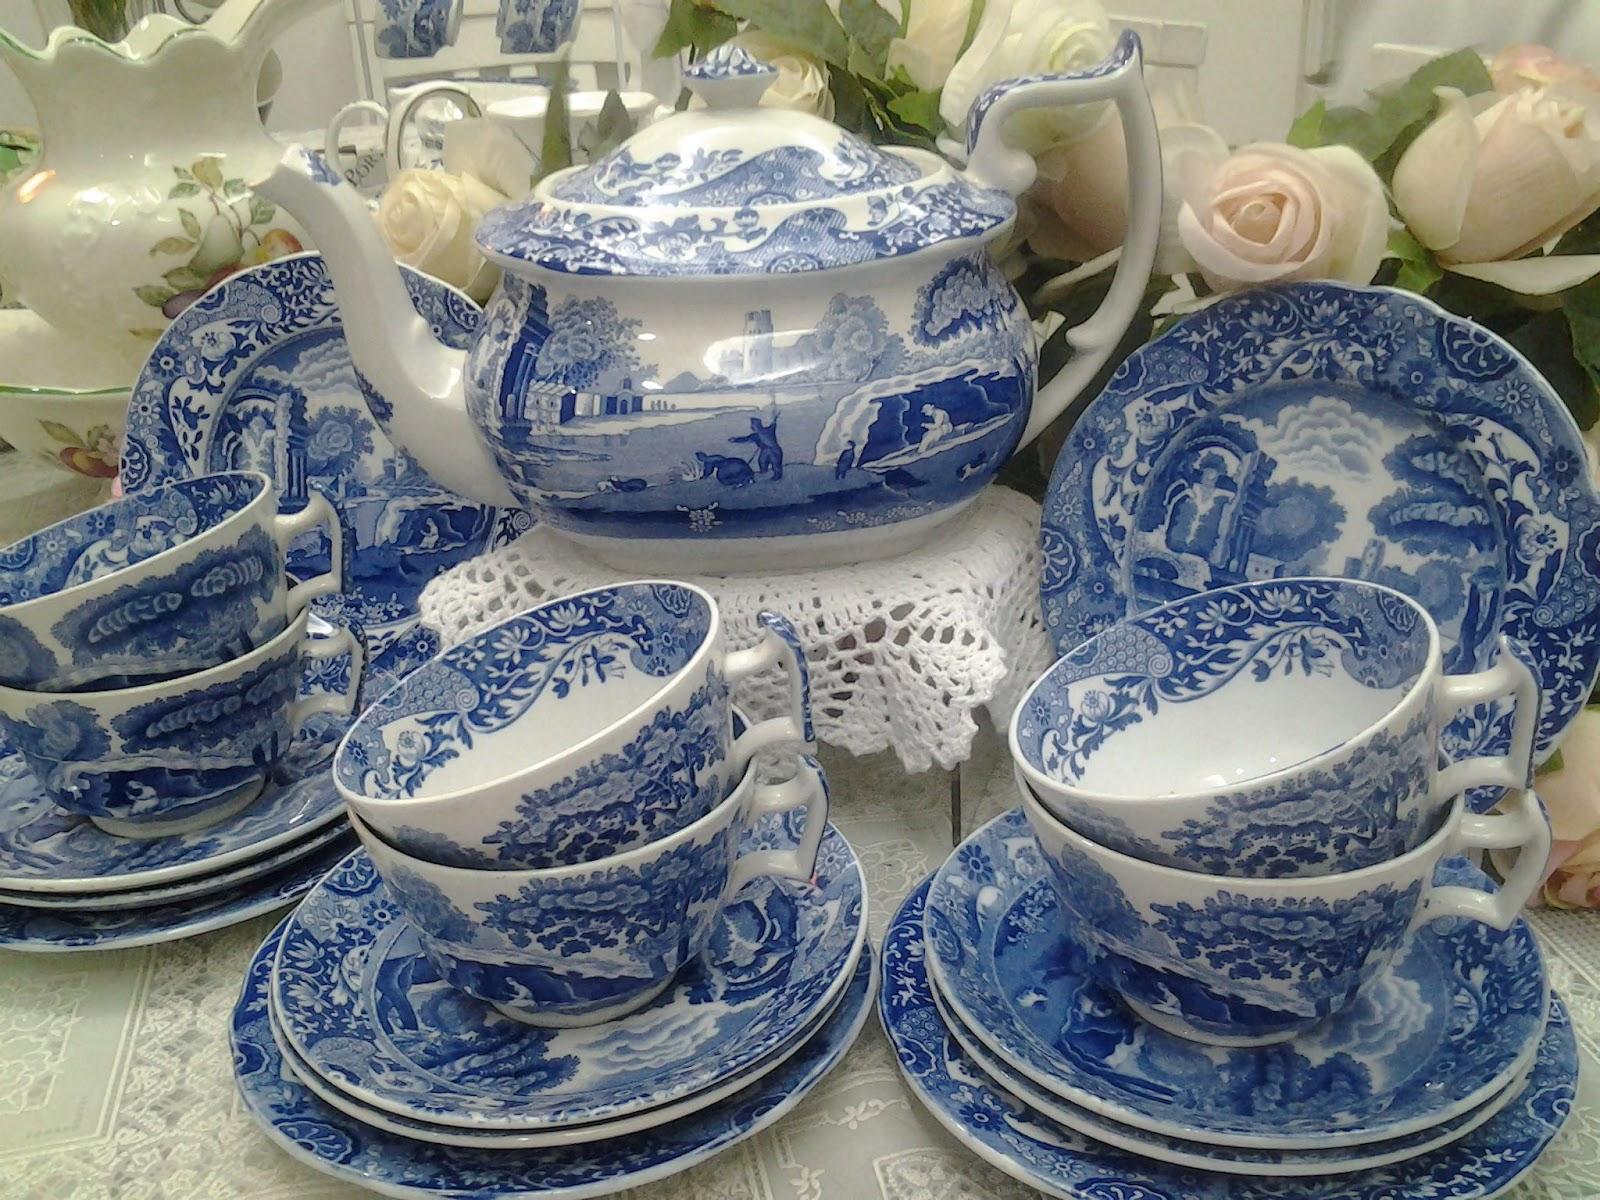 Lovely Treasures From English Garden Spode Blue Italian